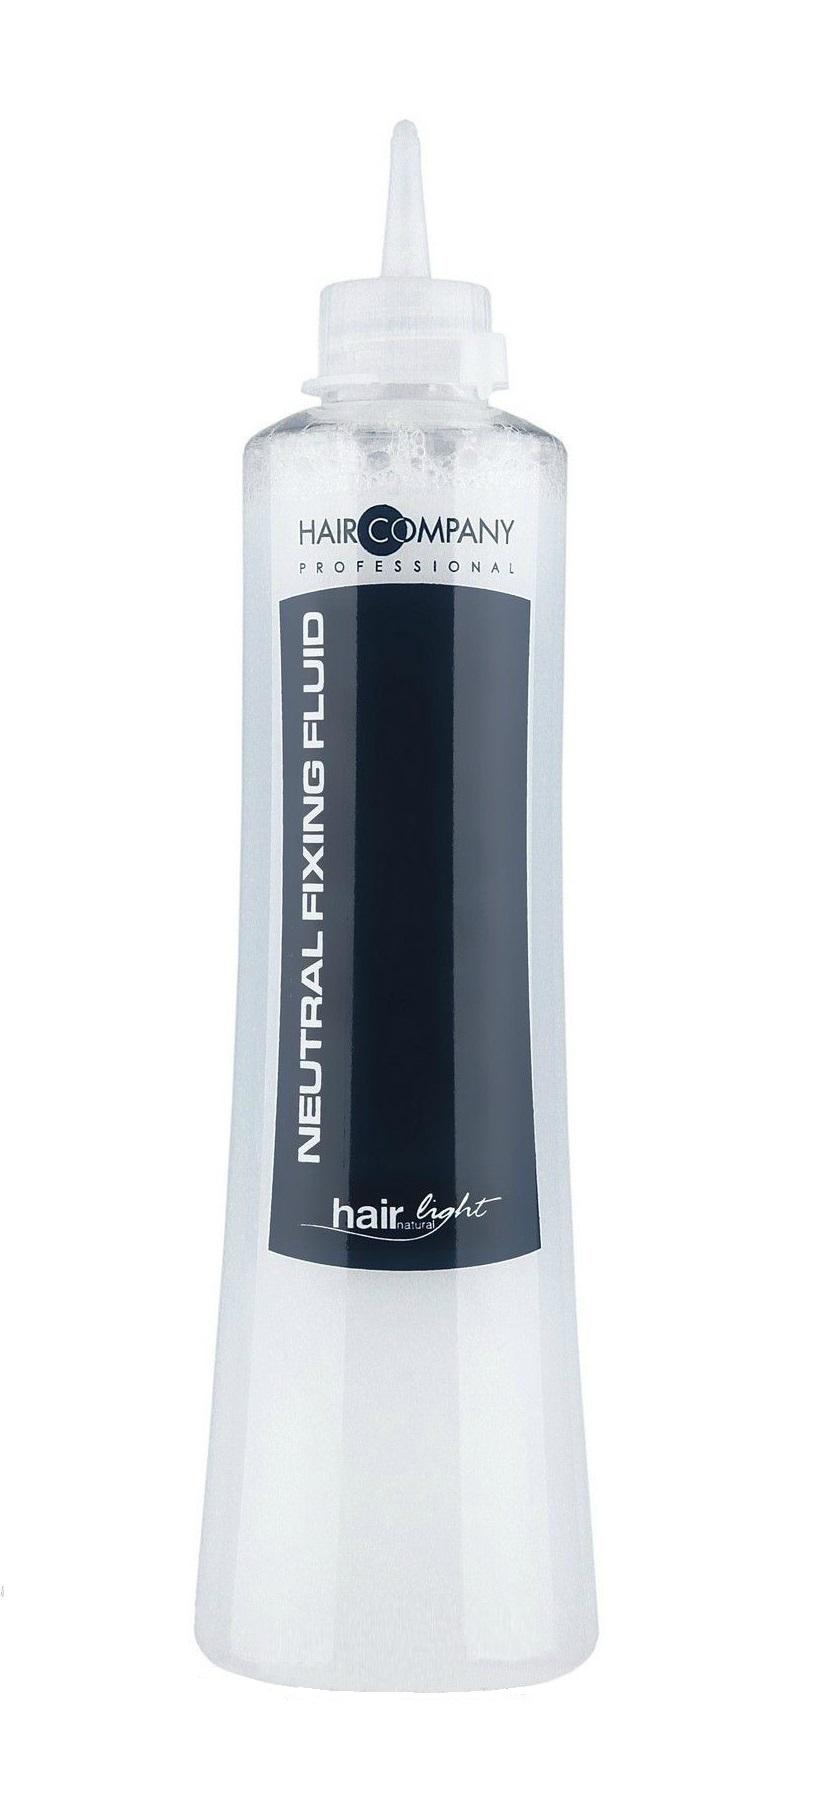 Купить HAIR COMPANY Фиксатор-нейтрализатор, жидкость для химической завивки волос / Hair Light Neutral Fixing Fluid 500 мл